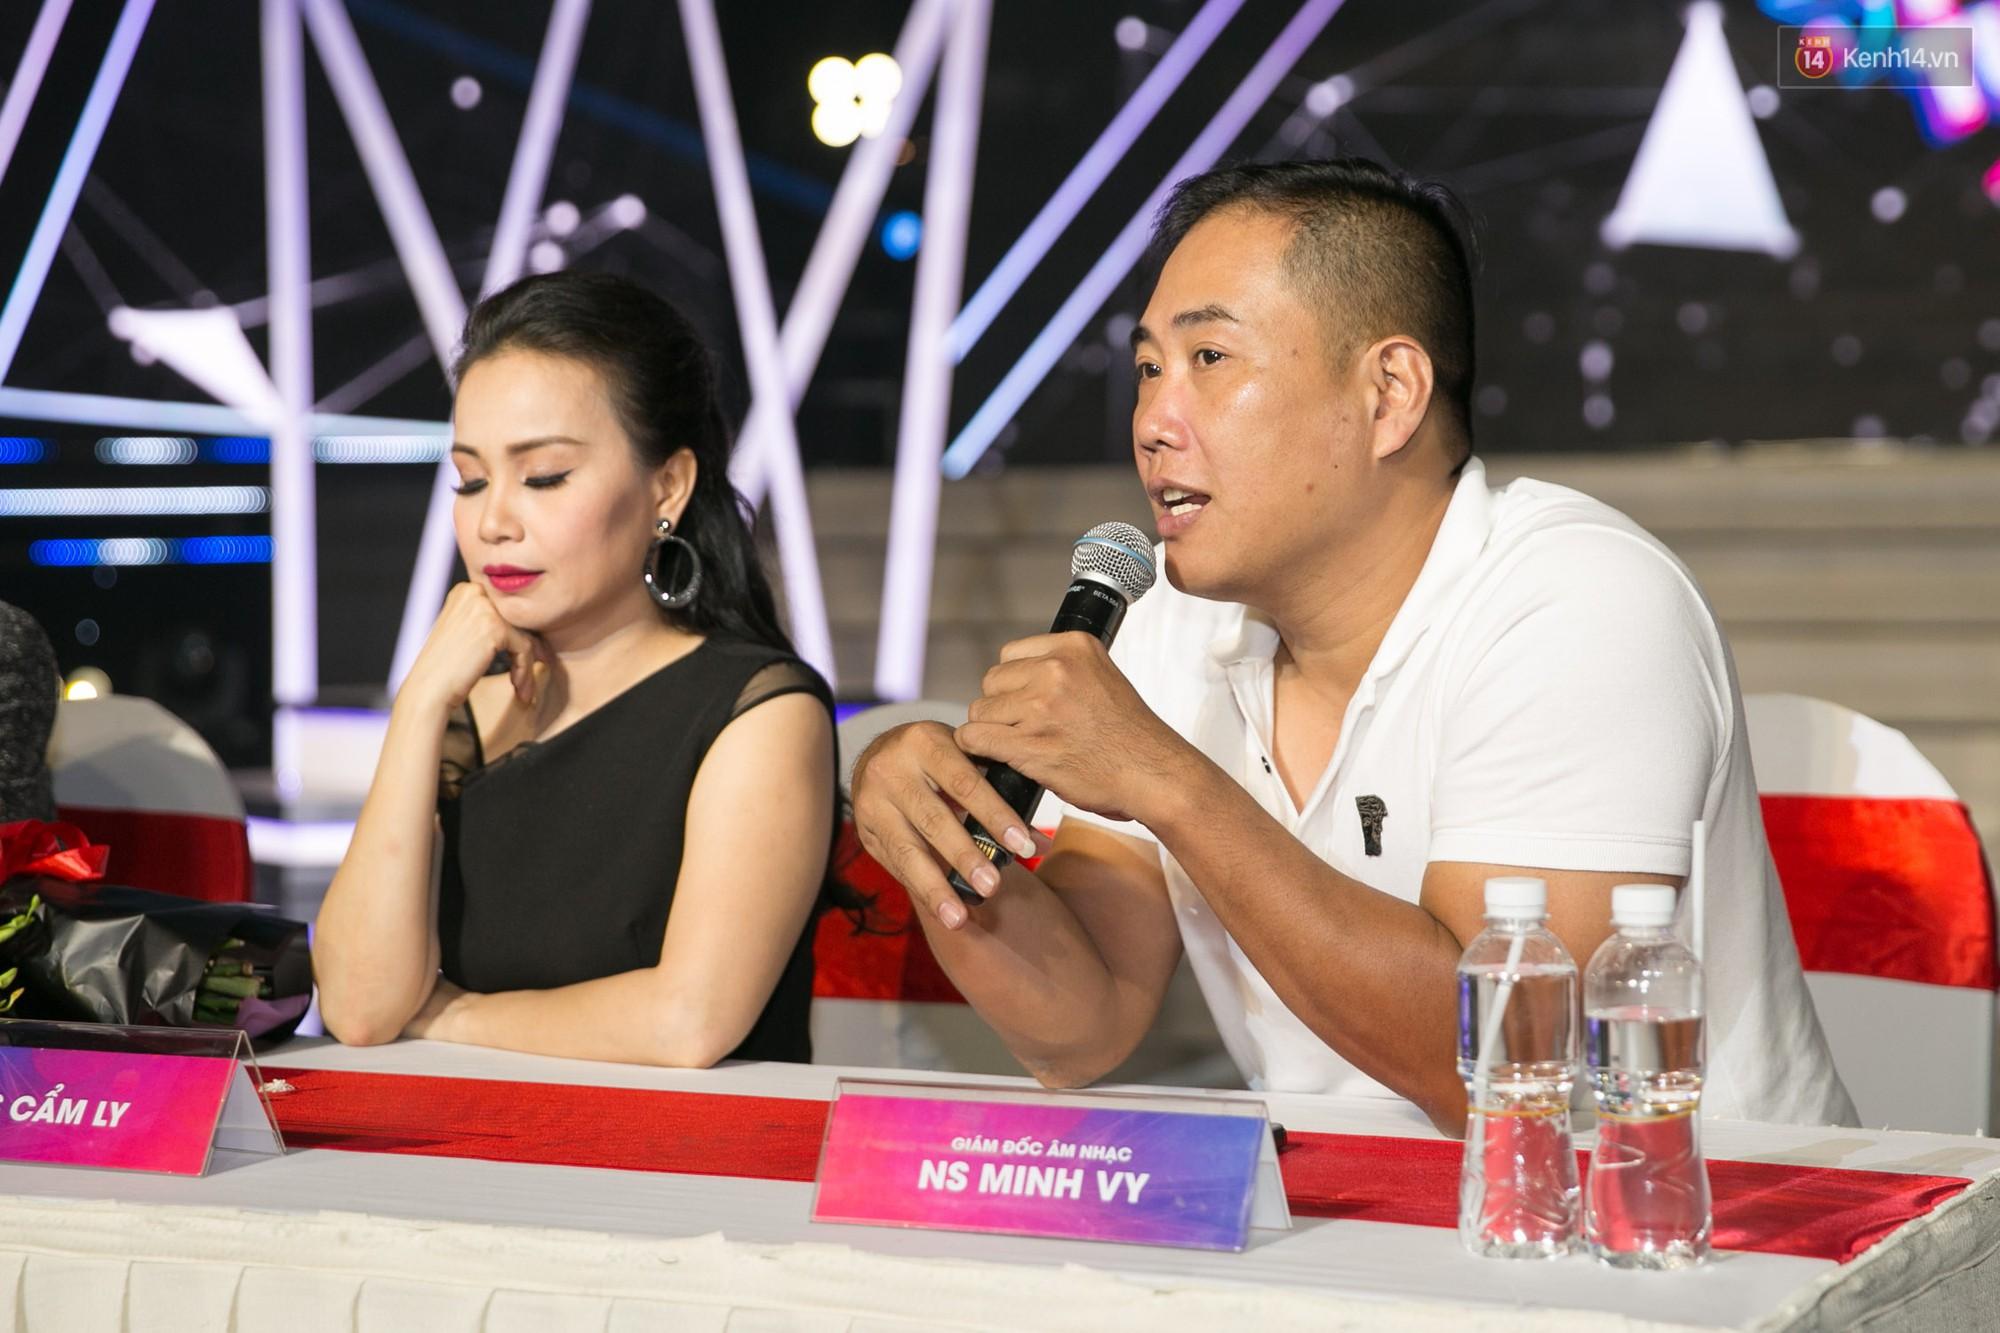 Trấn Thành nói gì khi thoát lệnh cấm của truyền hình Vĩnh Long bằng gameshow mới? - Ảnh 9.